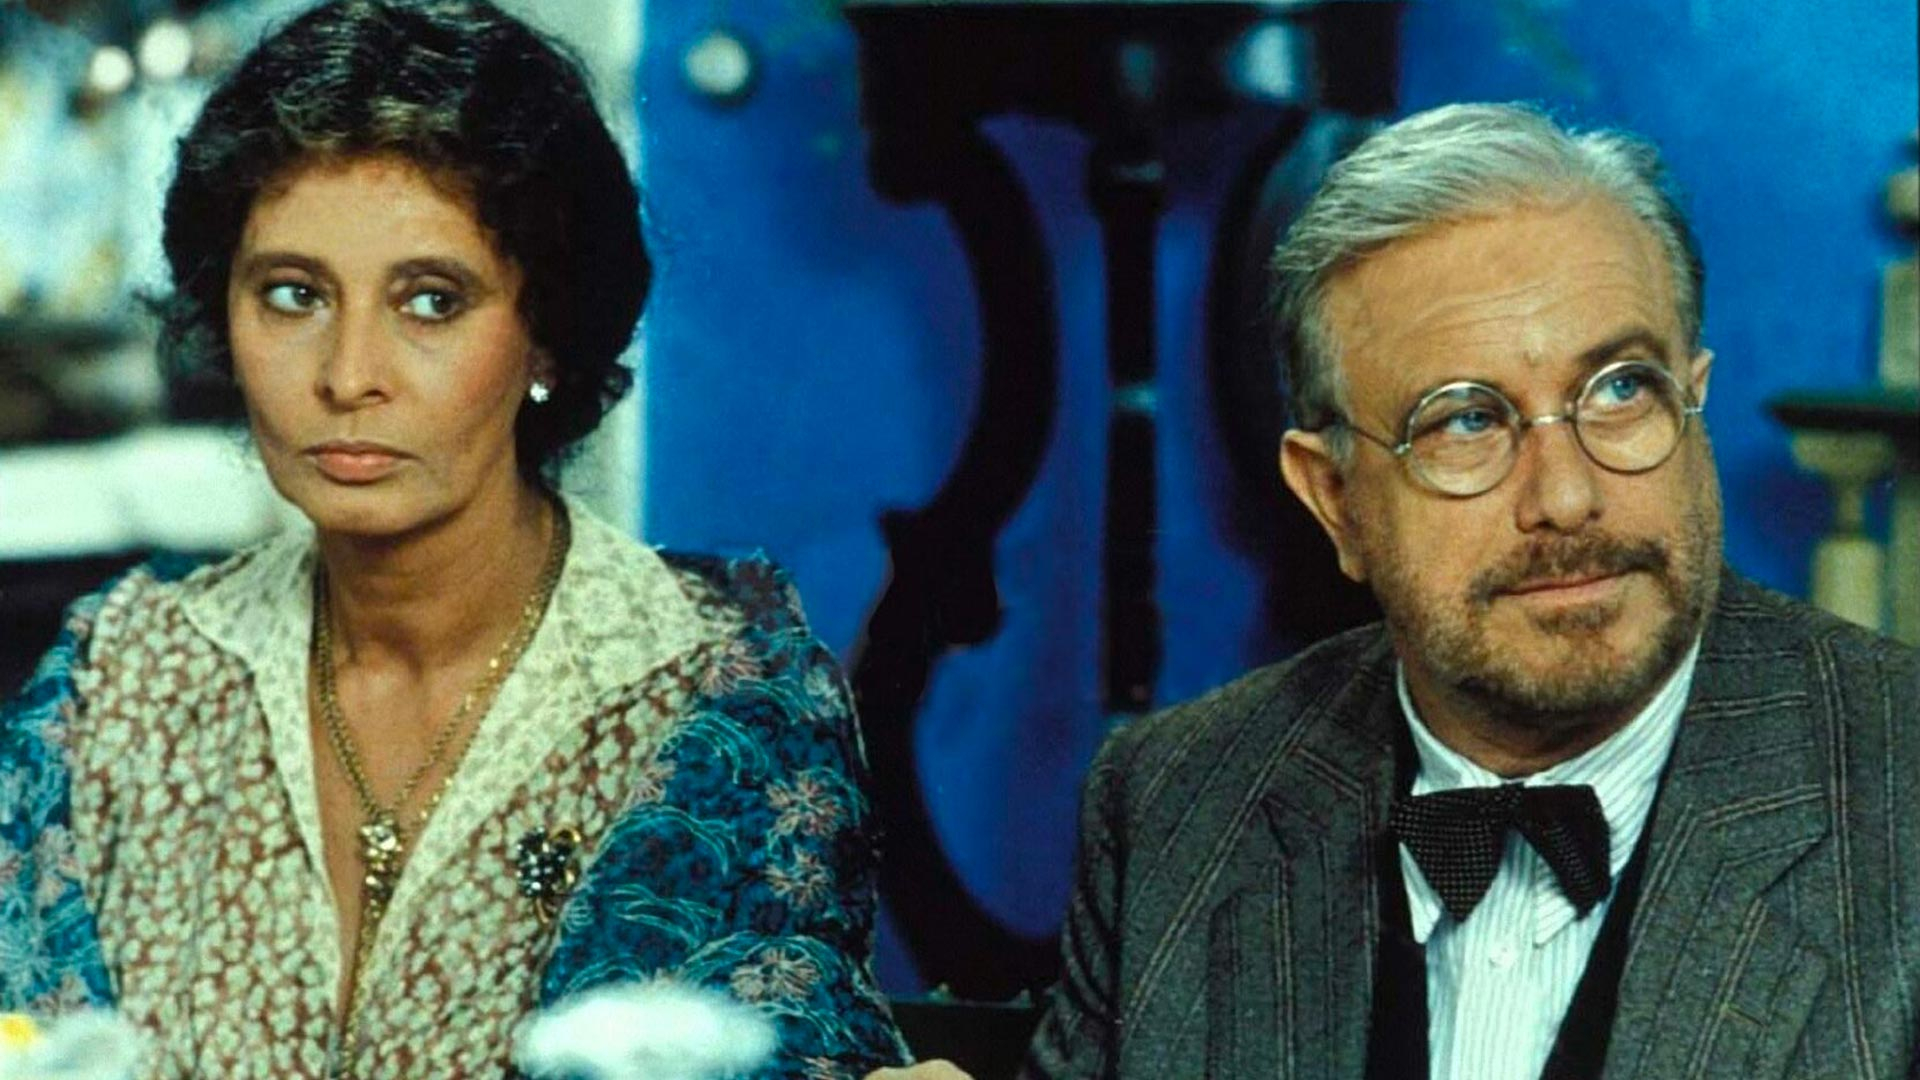 Sofia Loren e Luciano De Crescenzo in Sabato, Domenica e Lunedì